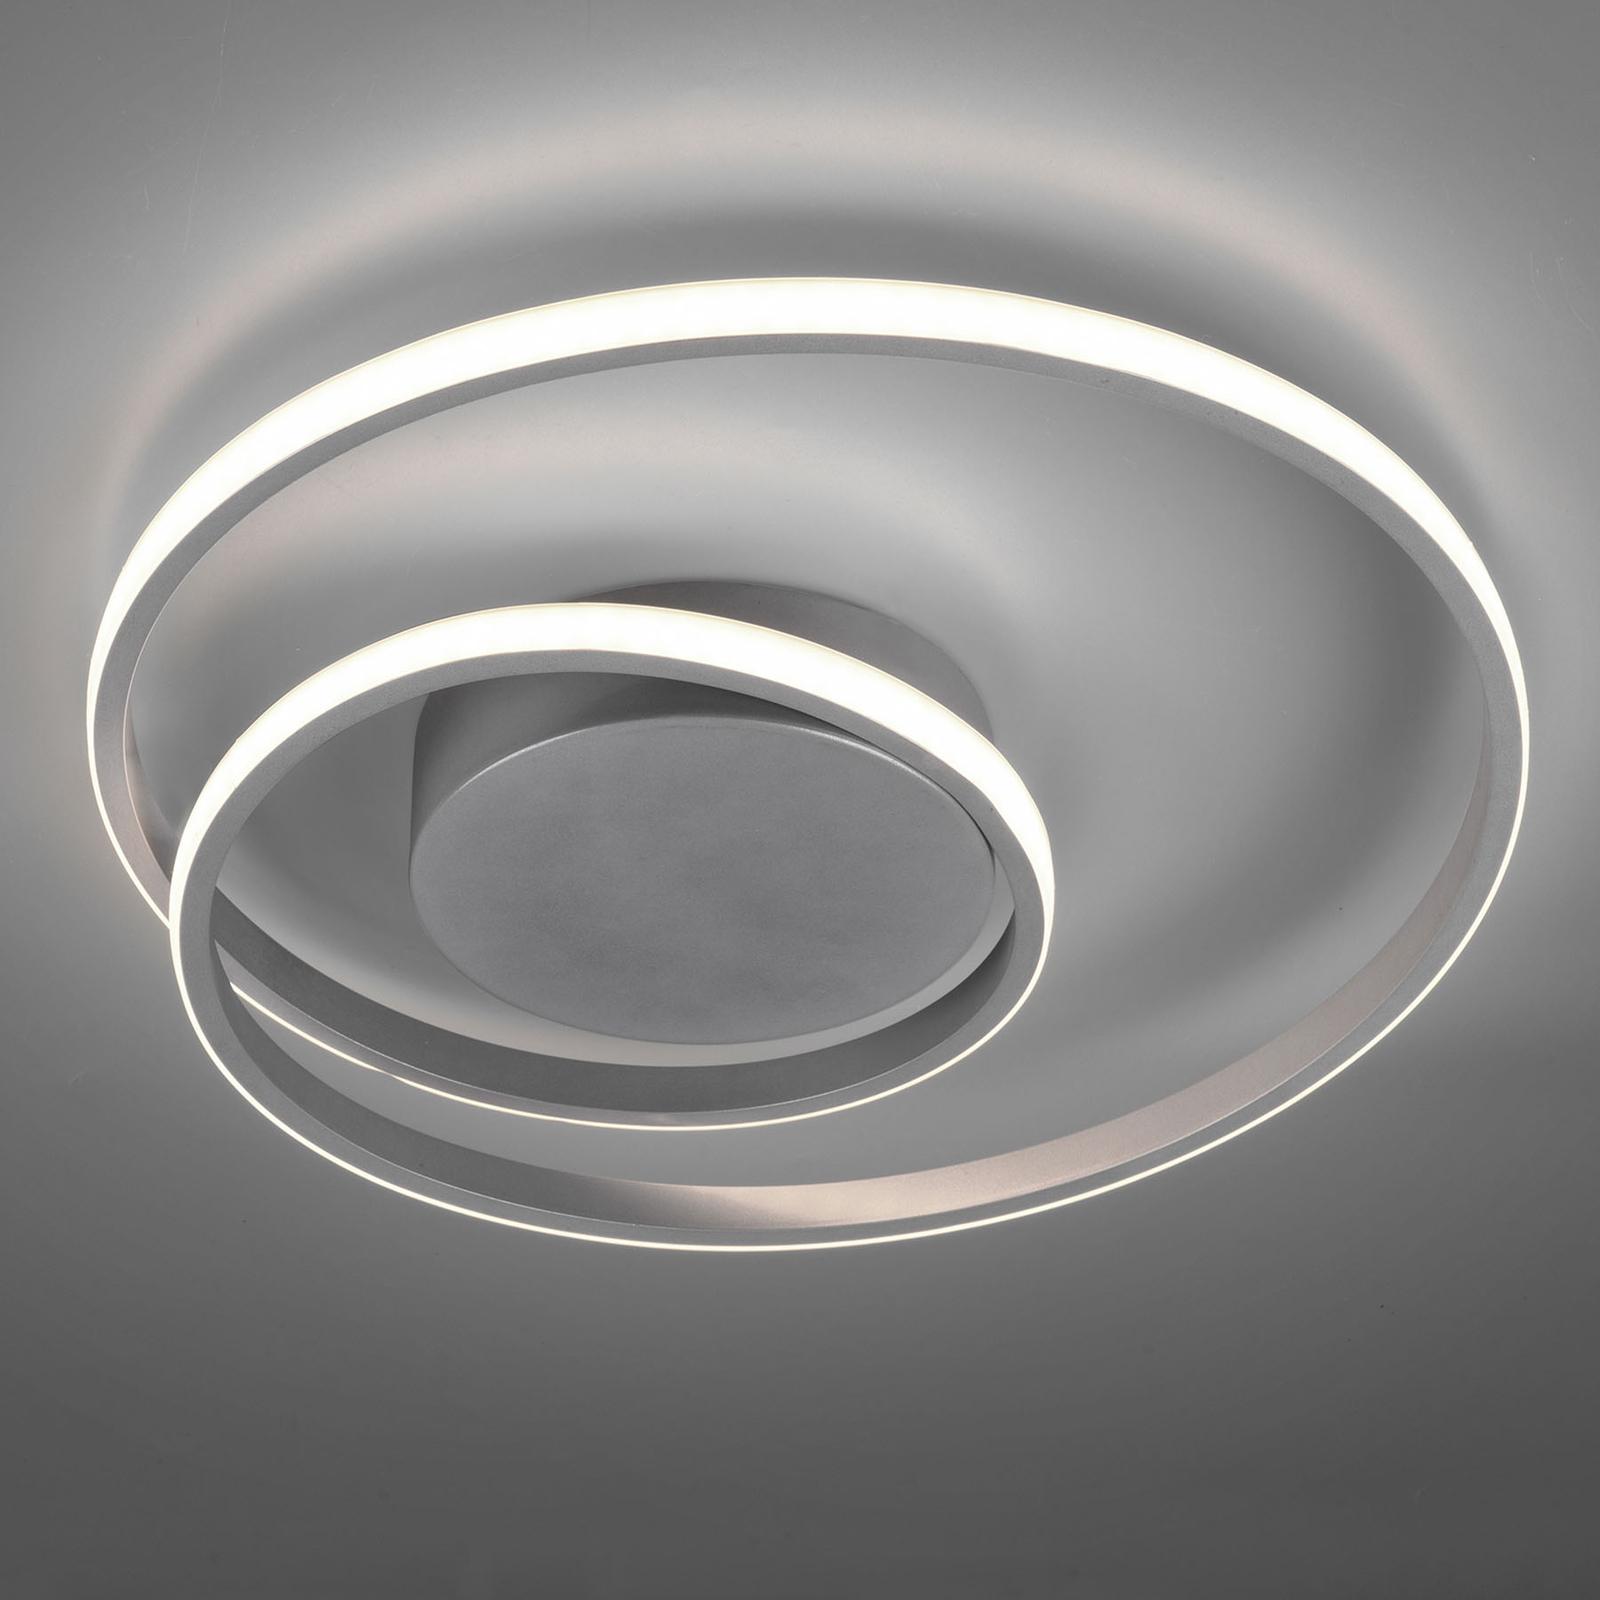 LED-kattovalaisin Zibal, himmennettävä, titaani